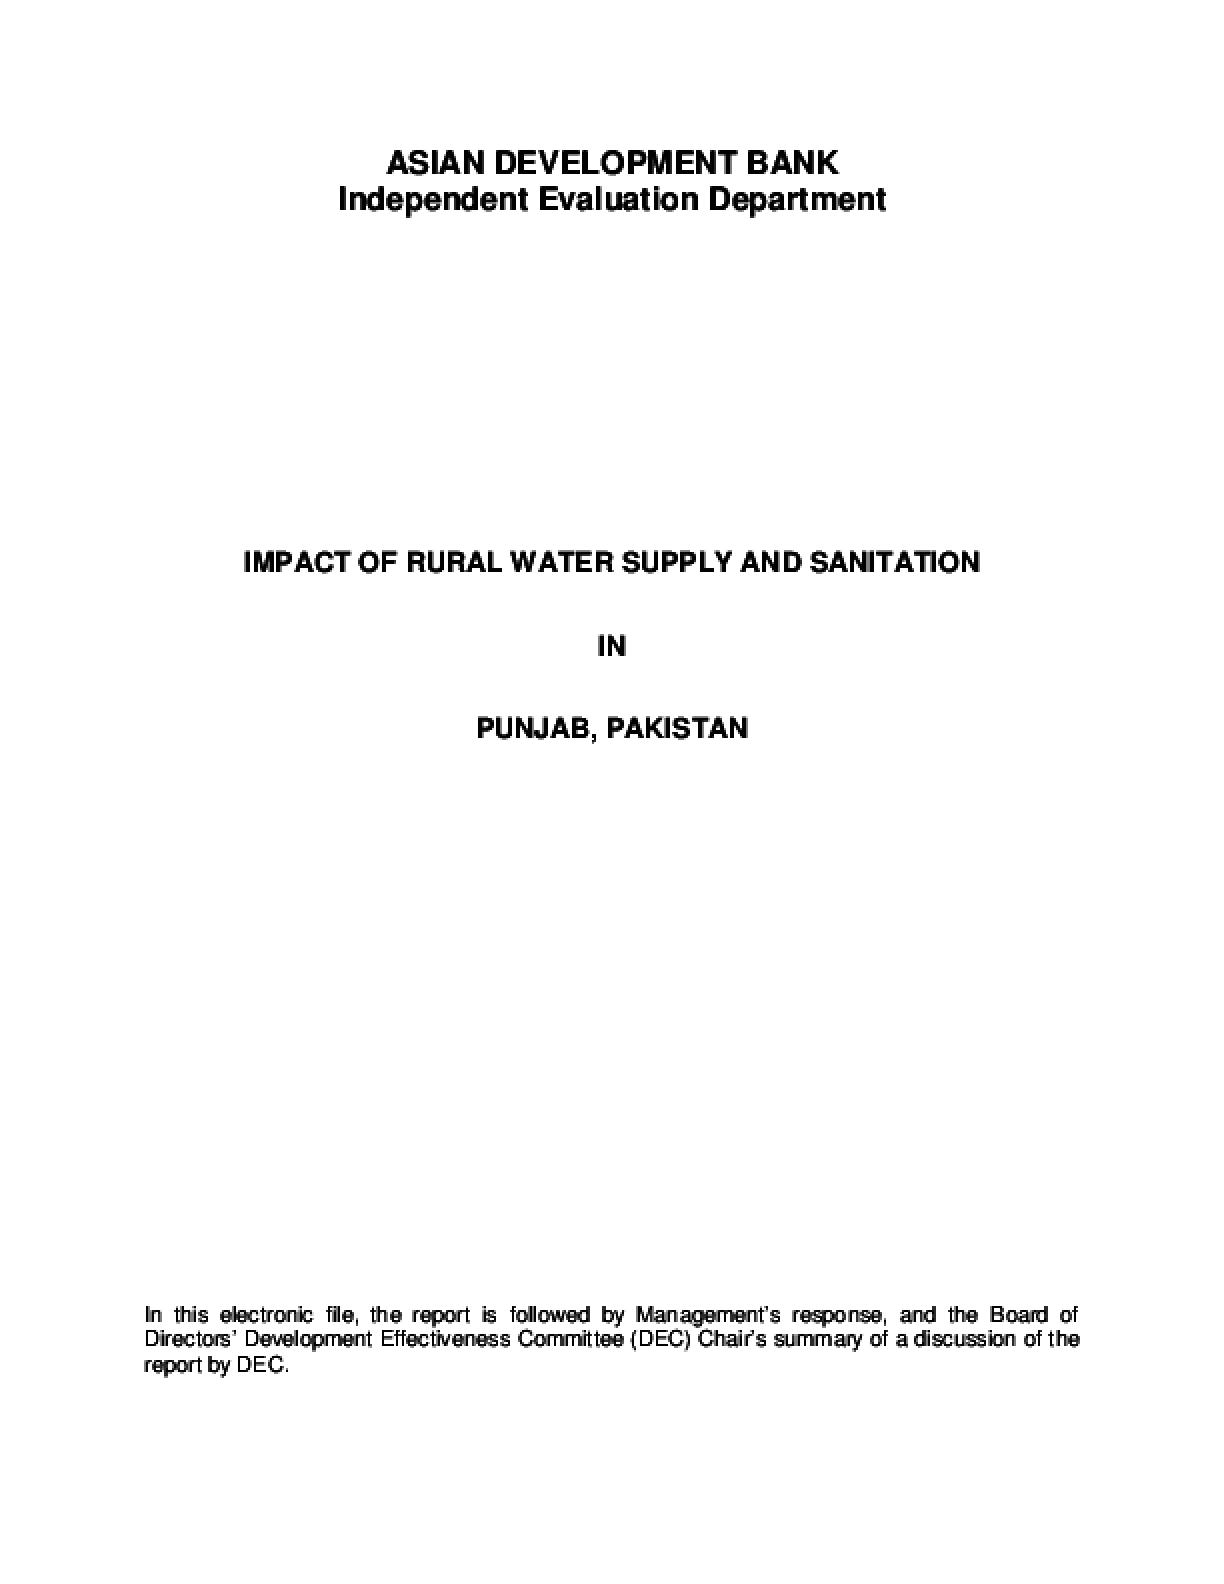 Impact of Rural Water Supply and Sanitation in Punjab, Pakistan